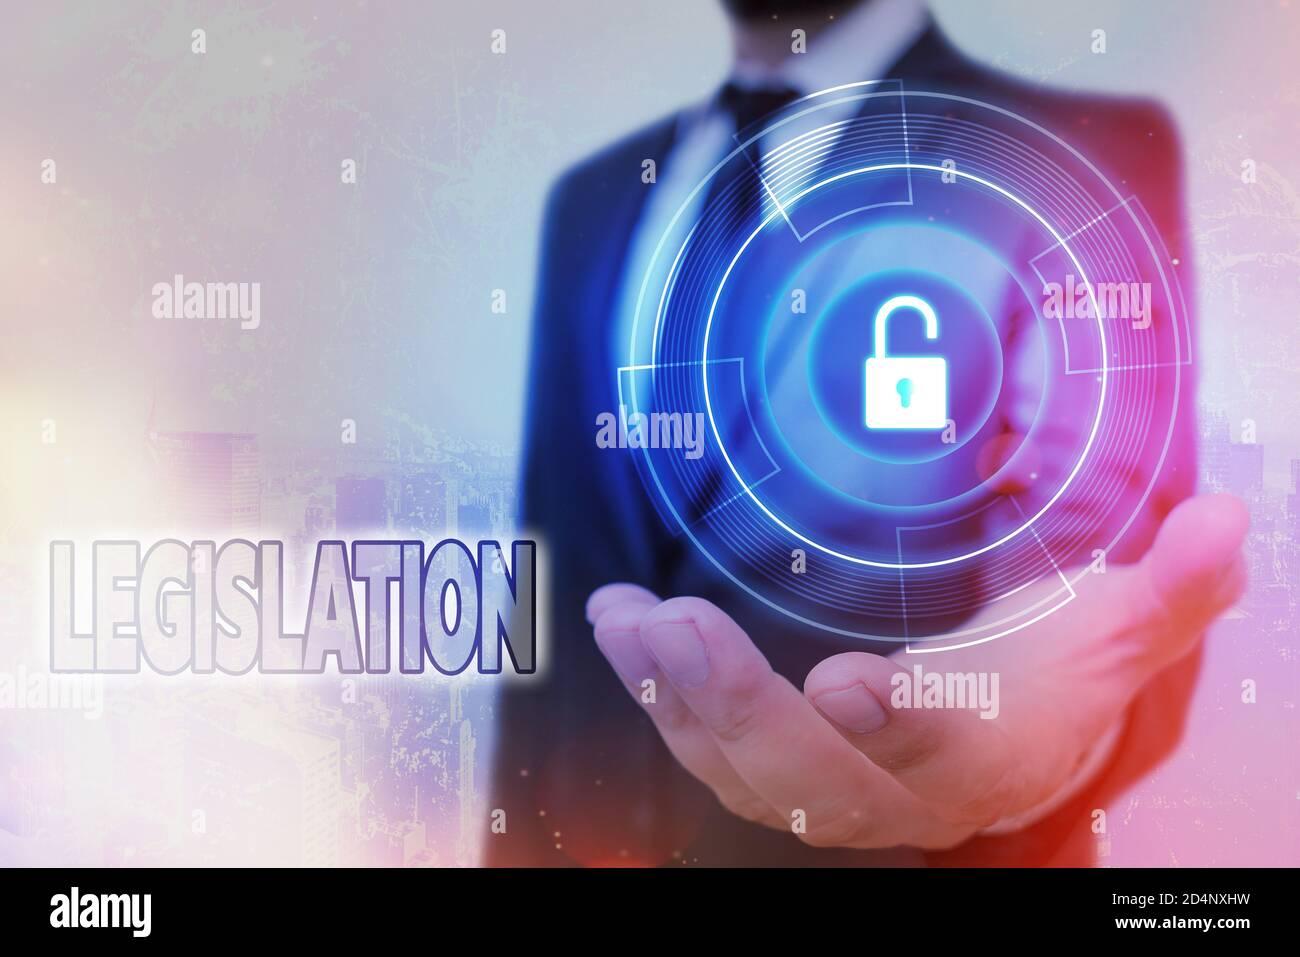 Legislación sobre escritura a mano. Foto conceptual el ejercicio del poder y la función de hacer reglas candado gráfico para la información de datos web securi Foto de stock